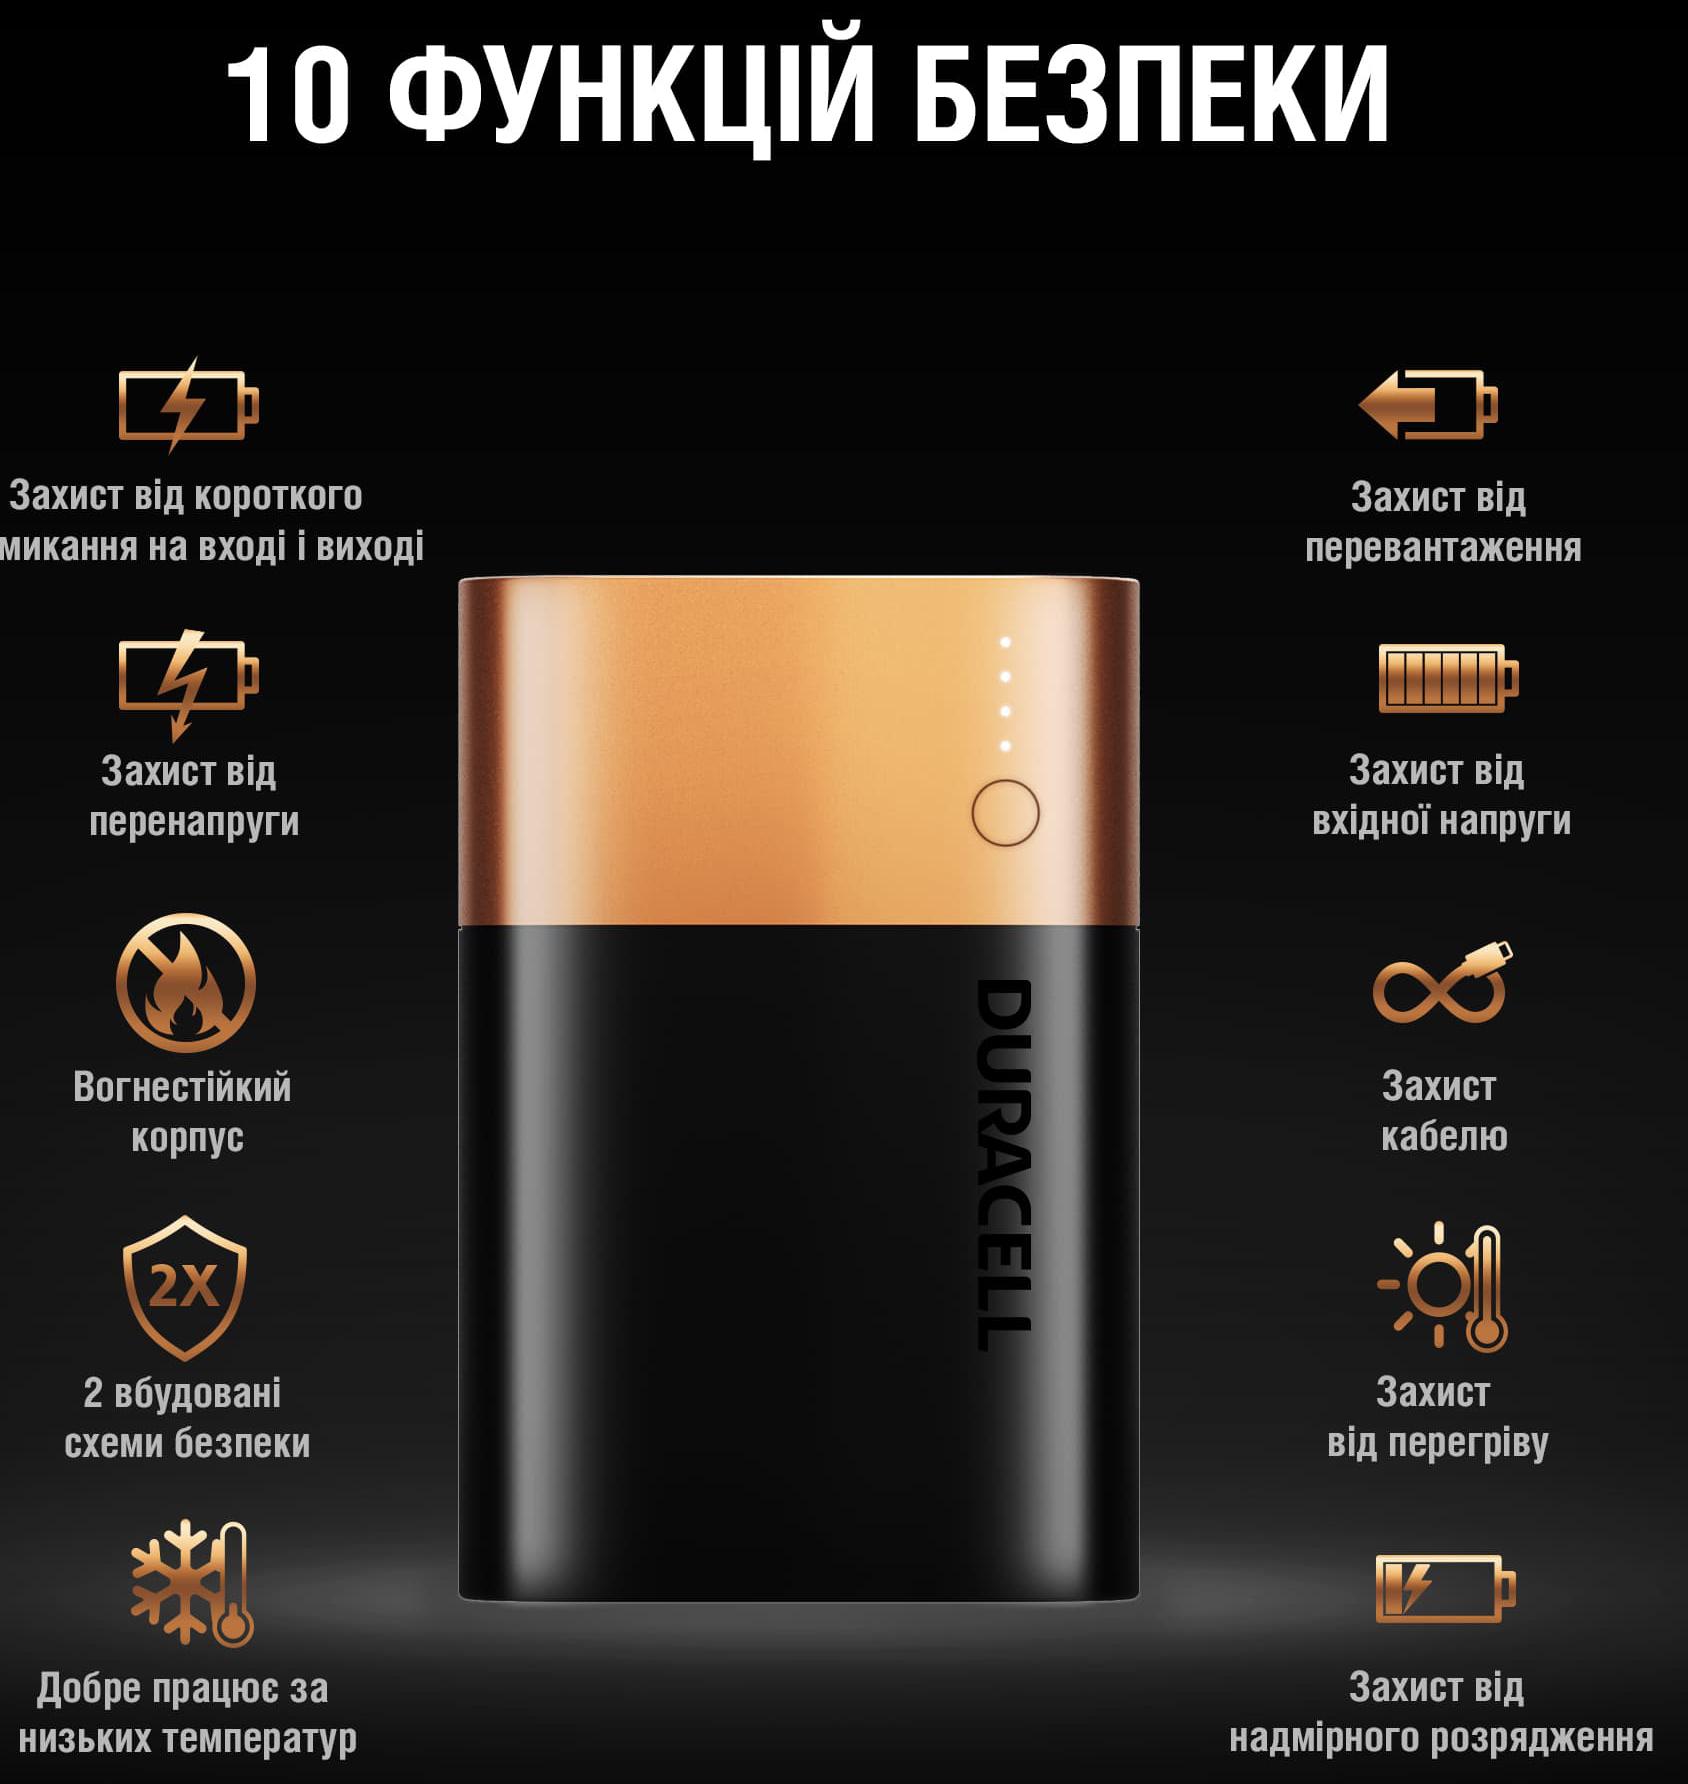 Аккумулятор-зарядка Power bank, емкость 10050мАч, выход 2,4А - 2 USB, вход - microUSB Duracell - фото 7